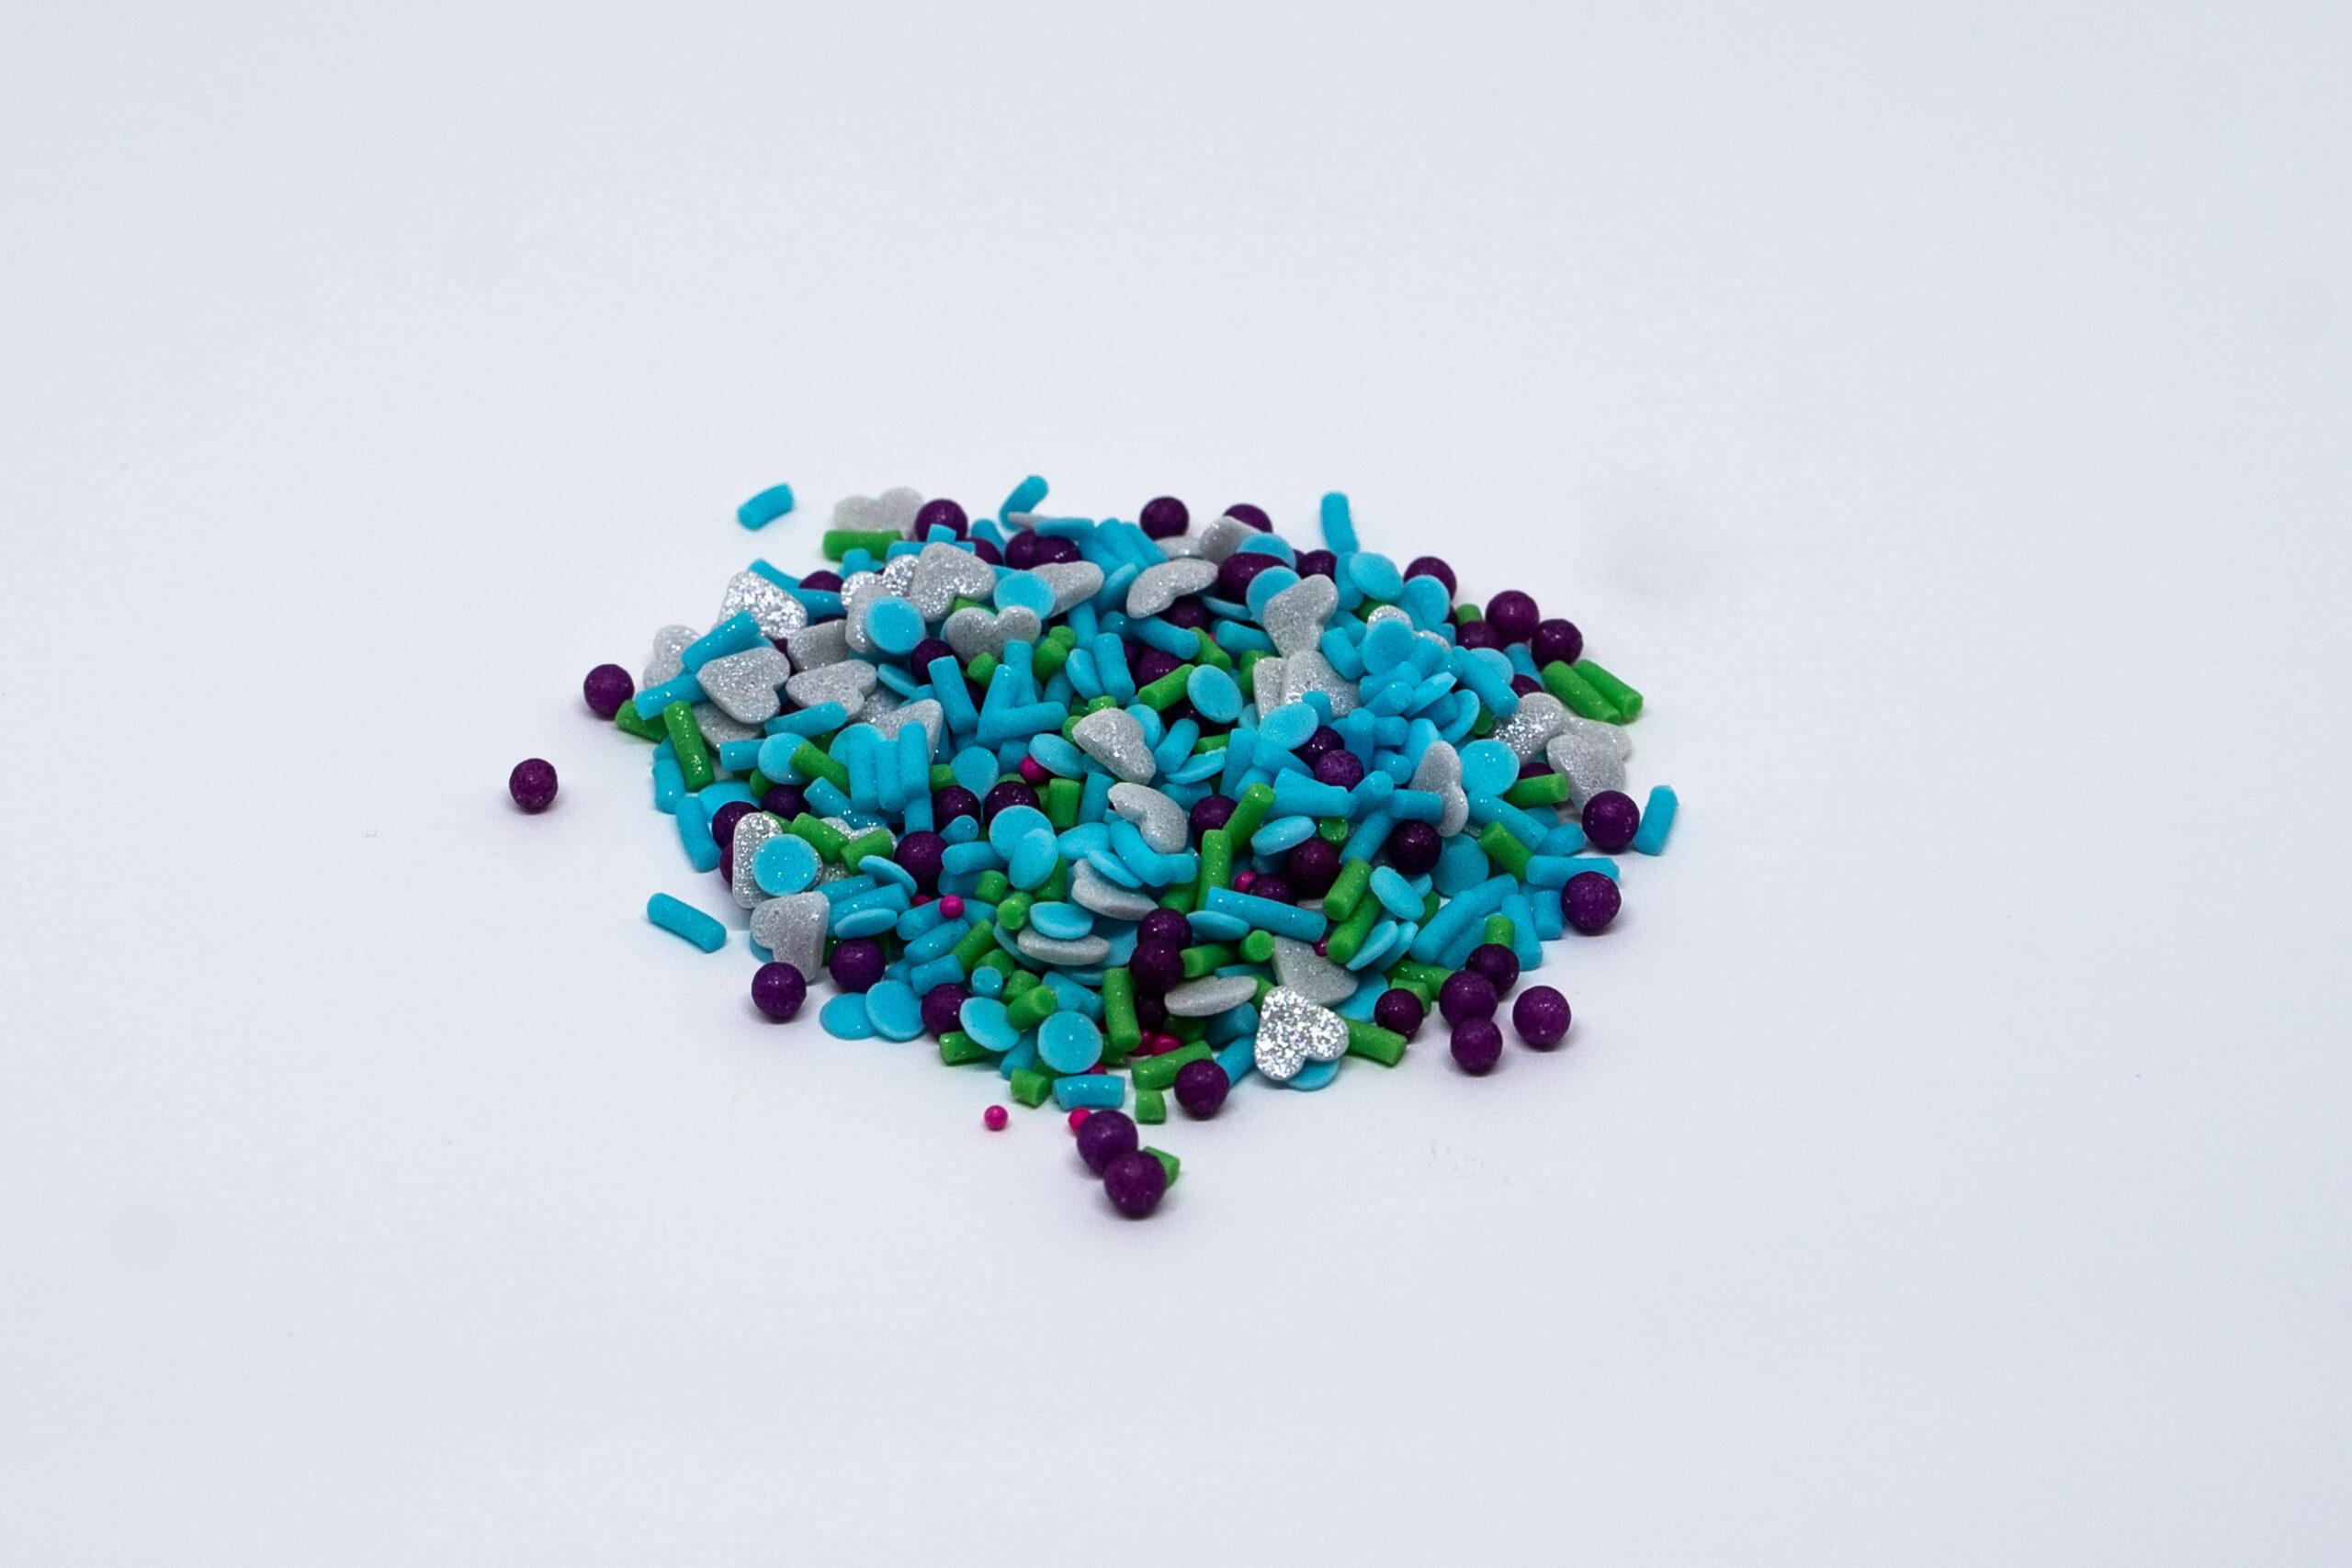 Mini pearls + confeti + sprinkles mix